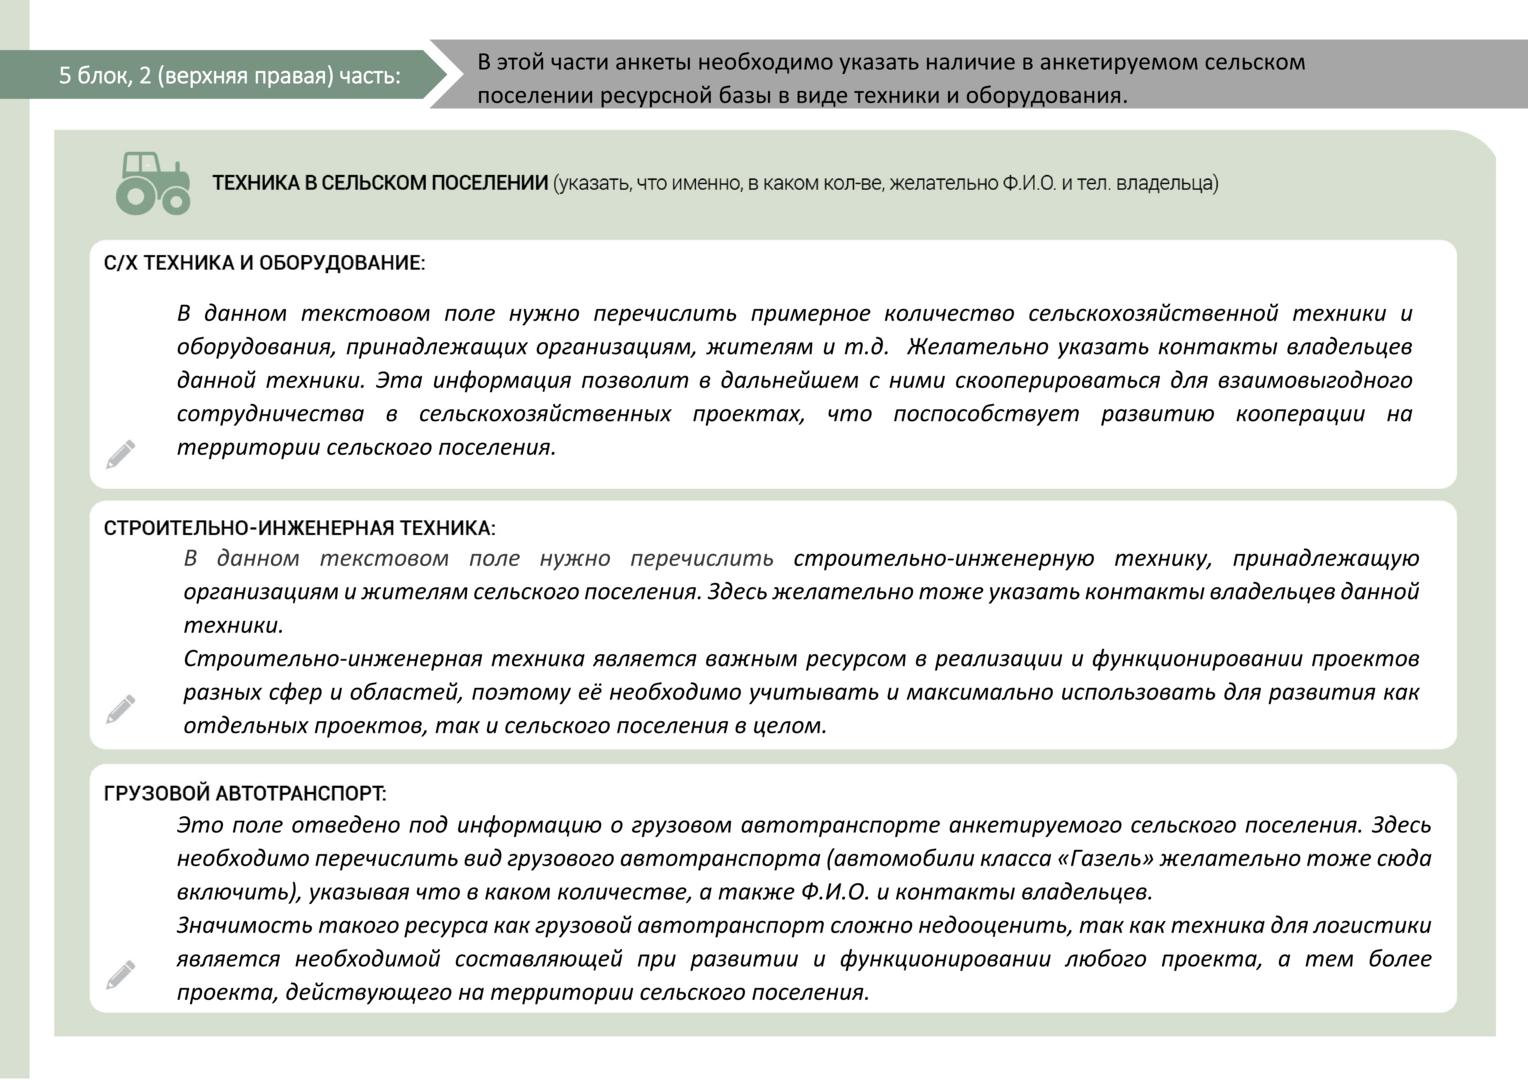 instruktsia_gotov_012